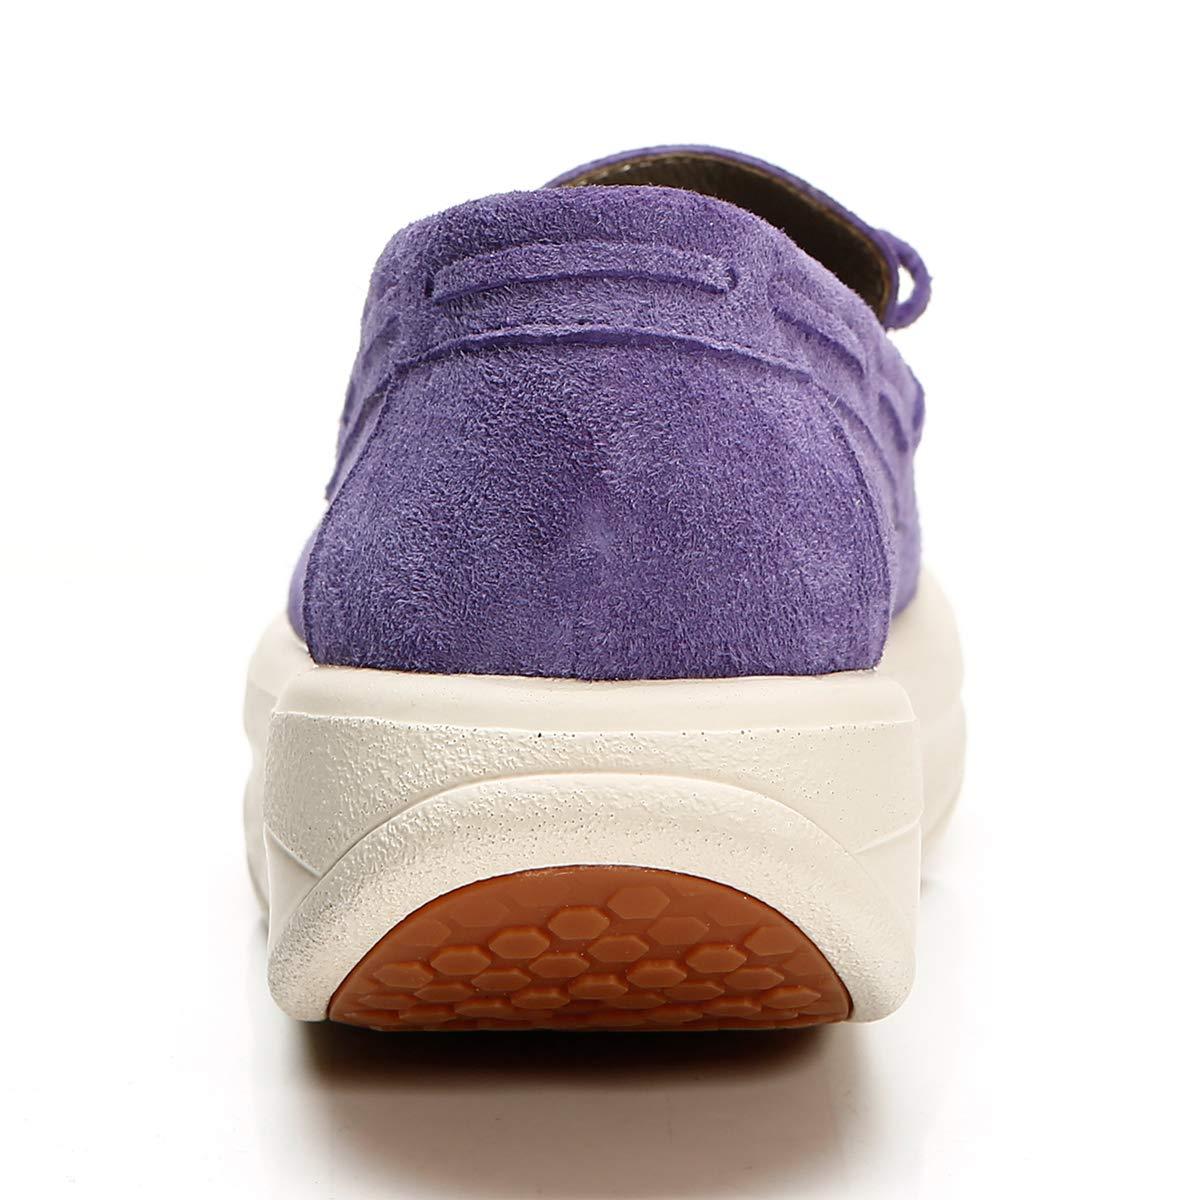 RoseG RoseG RoseG Damen Mokassin Leder Slipper Platform Creepers Schuhe Violett ea7532